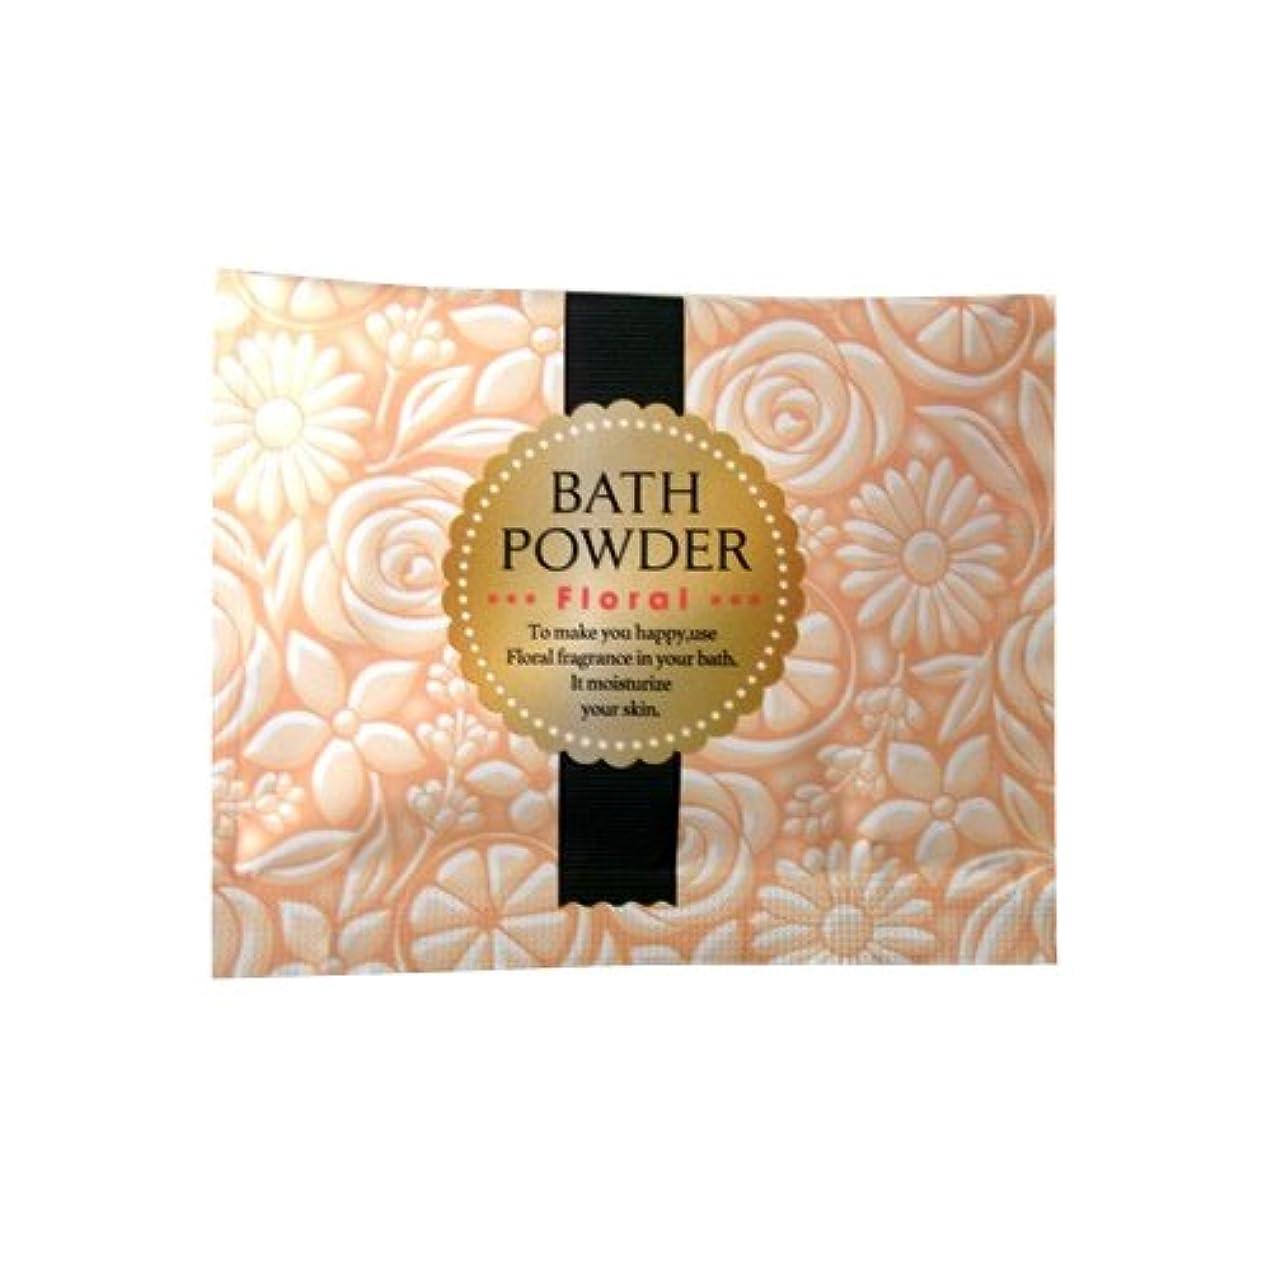 アミューズメントジェームズダイソン離れて入浴剤 LUCKY BATH (ラッキーバス) 25g フローラルの香り